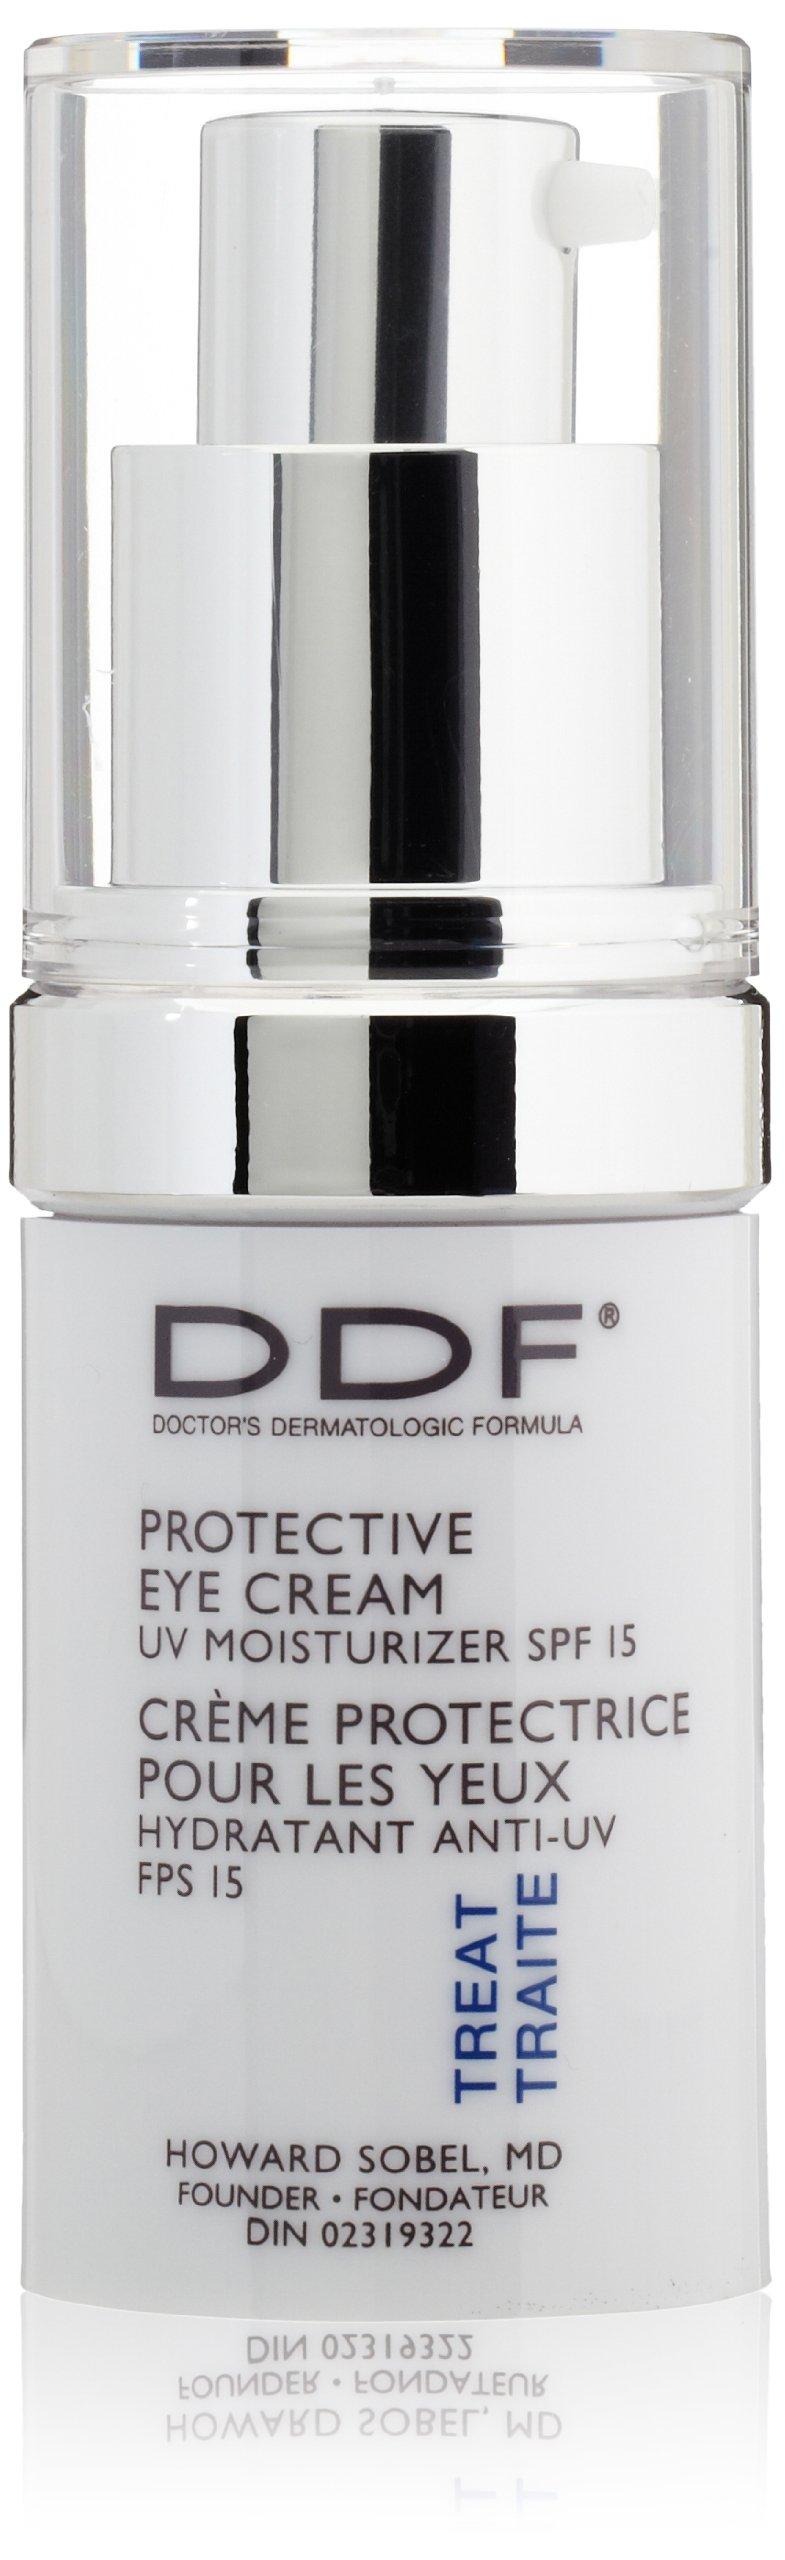 DDF Protective Eye Cream SPF 15, 0.5 Oz